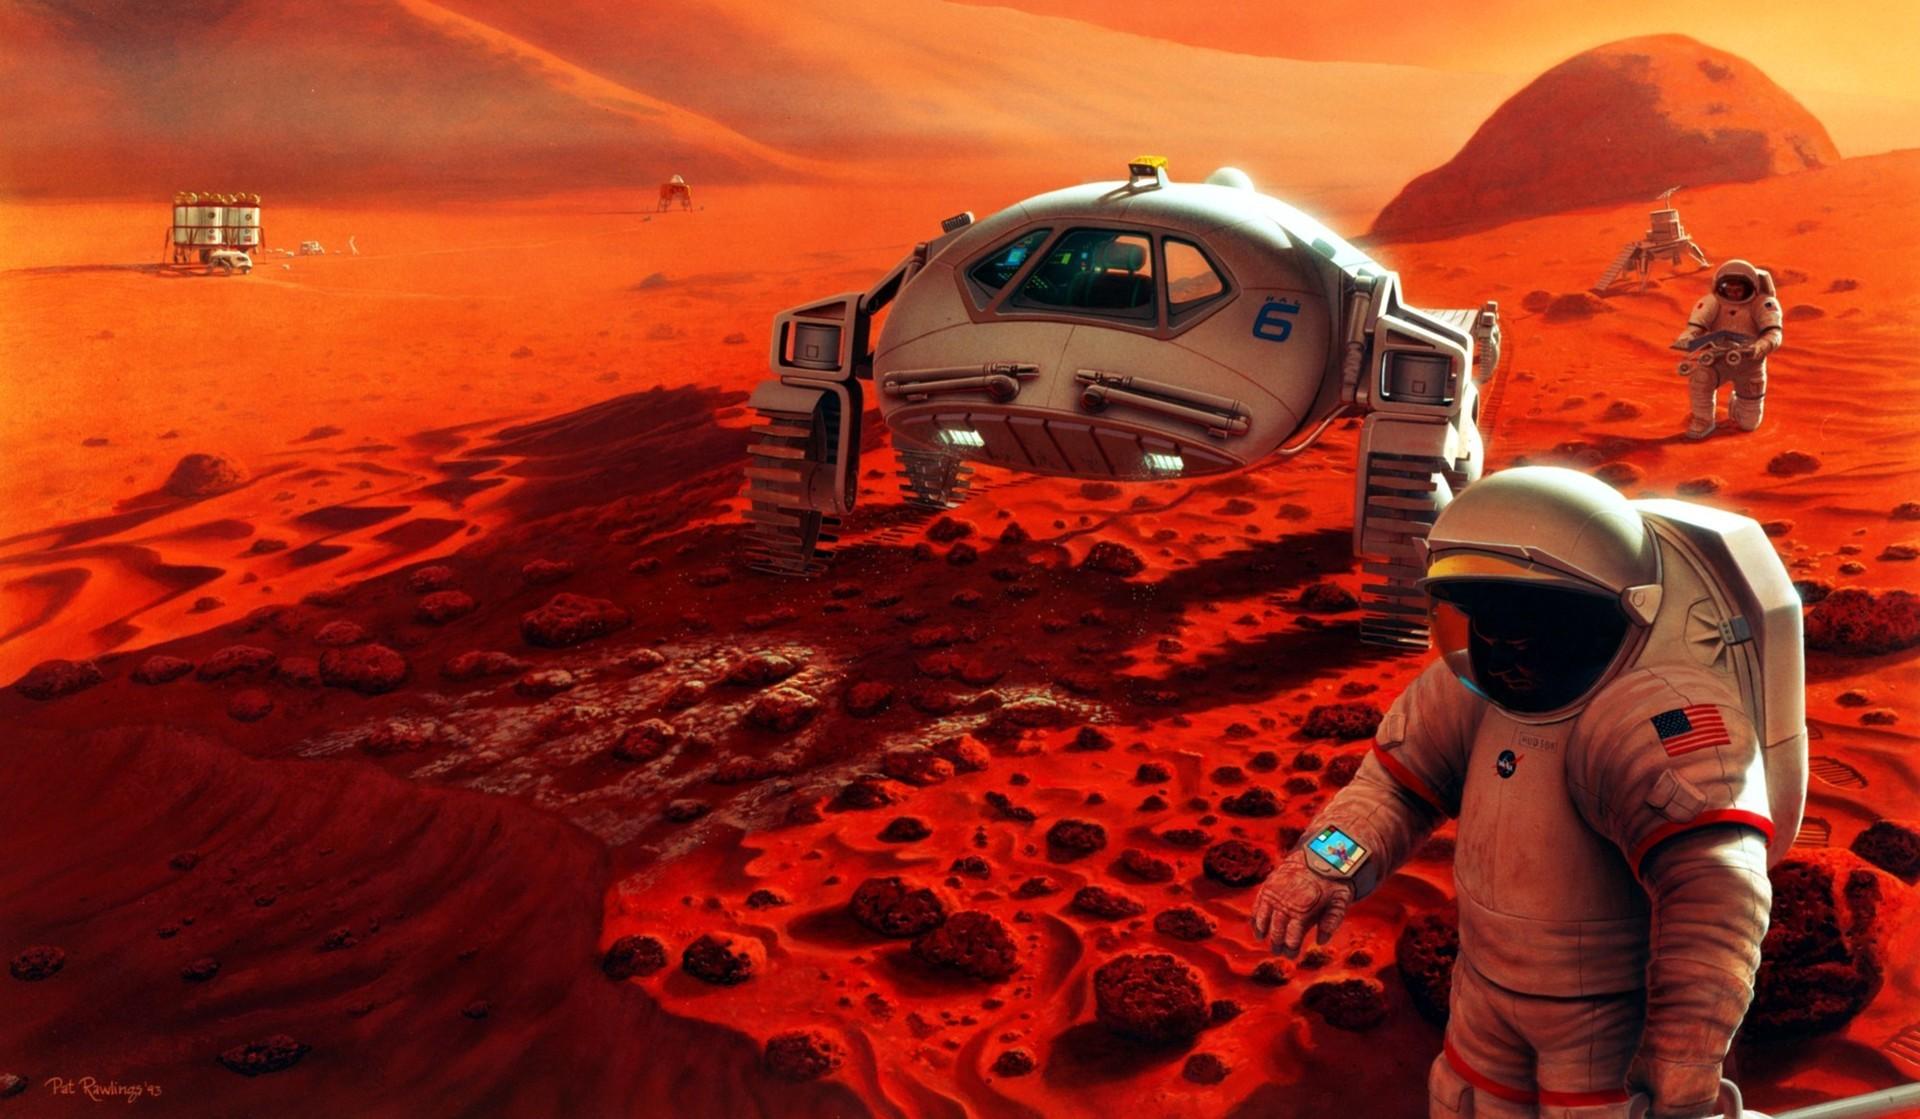 Ученые: космонавты наМарсе могут создавать еду ивещи спомощью бактерий